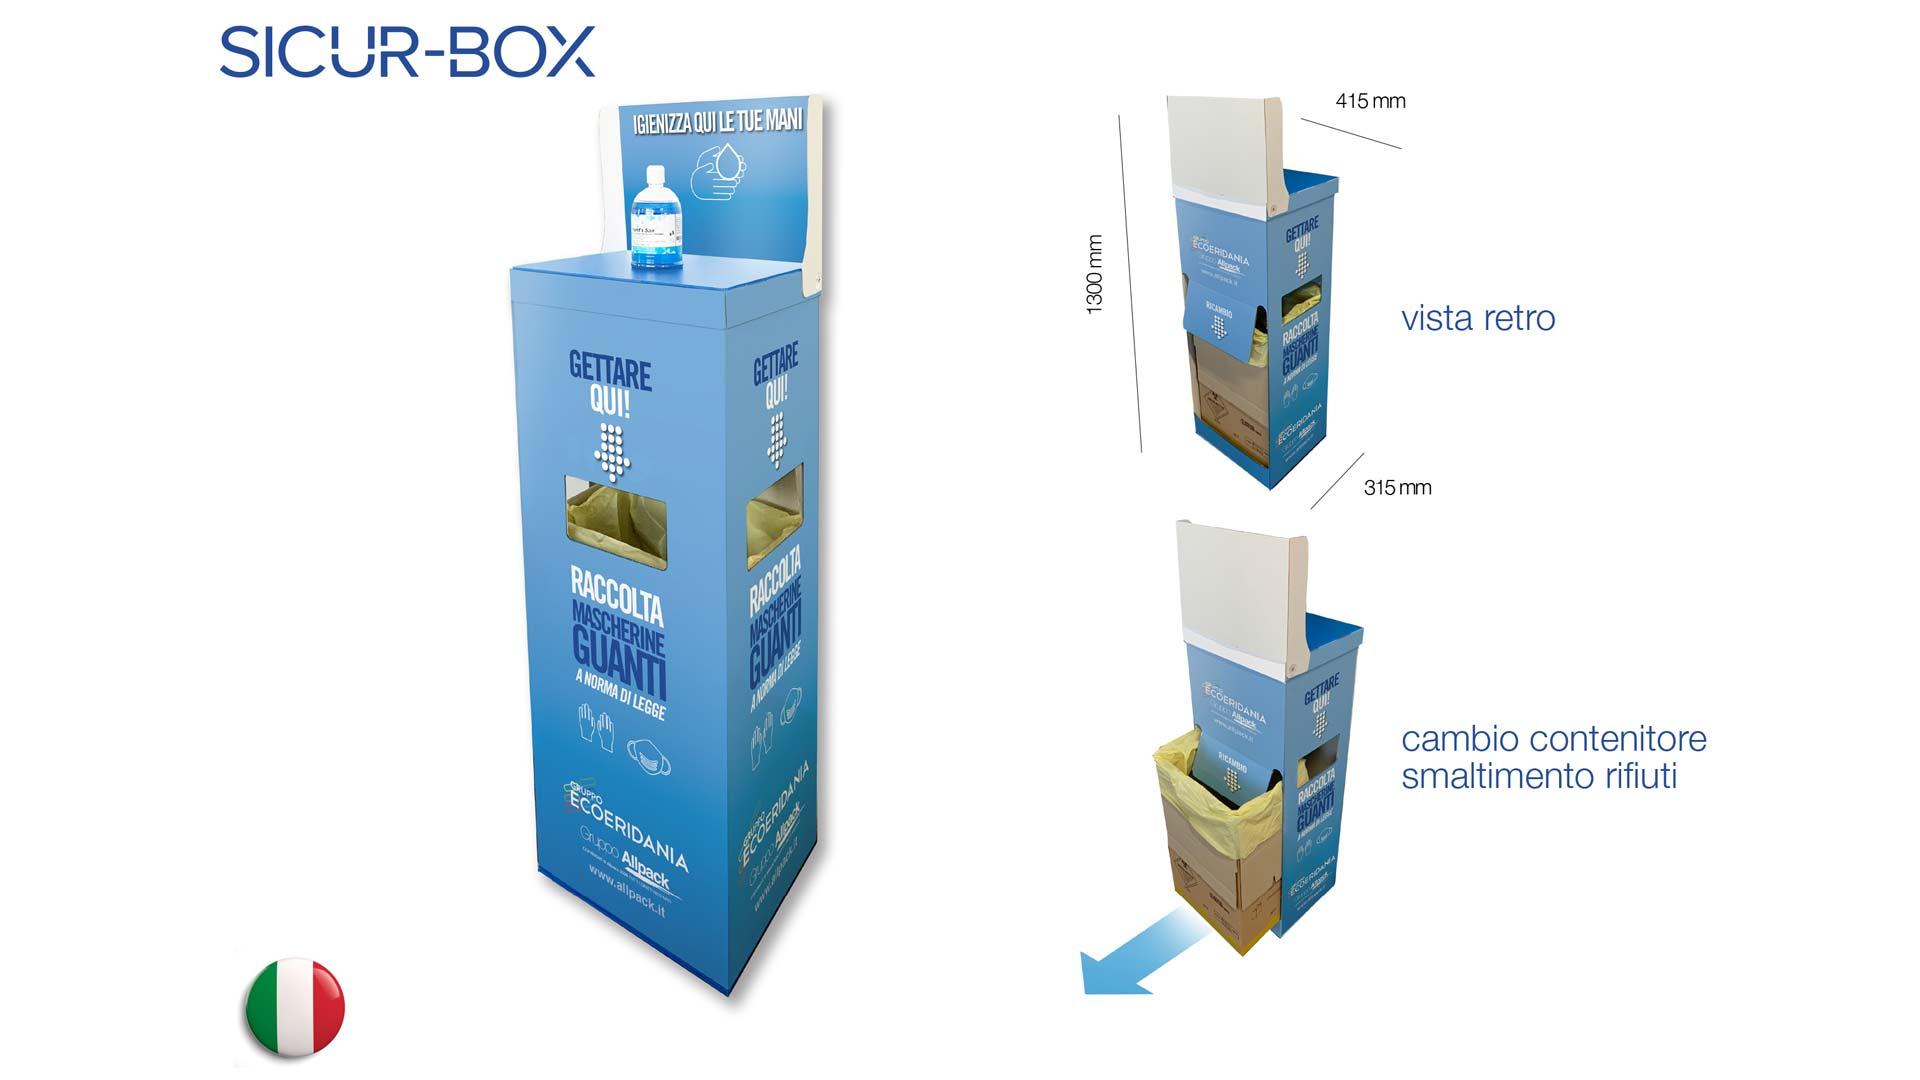 contenitore sicurbox per smaltimento guanti e mascherine corona virus